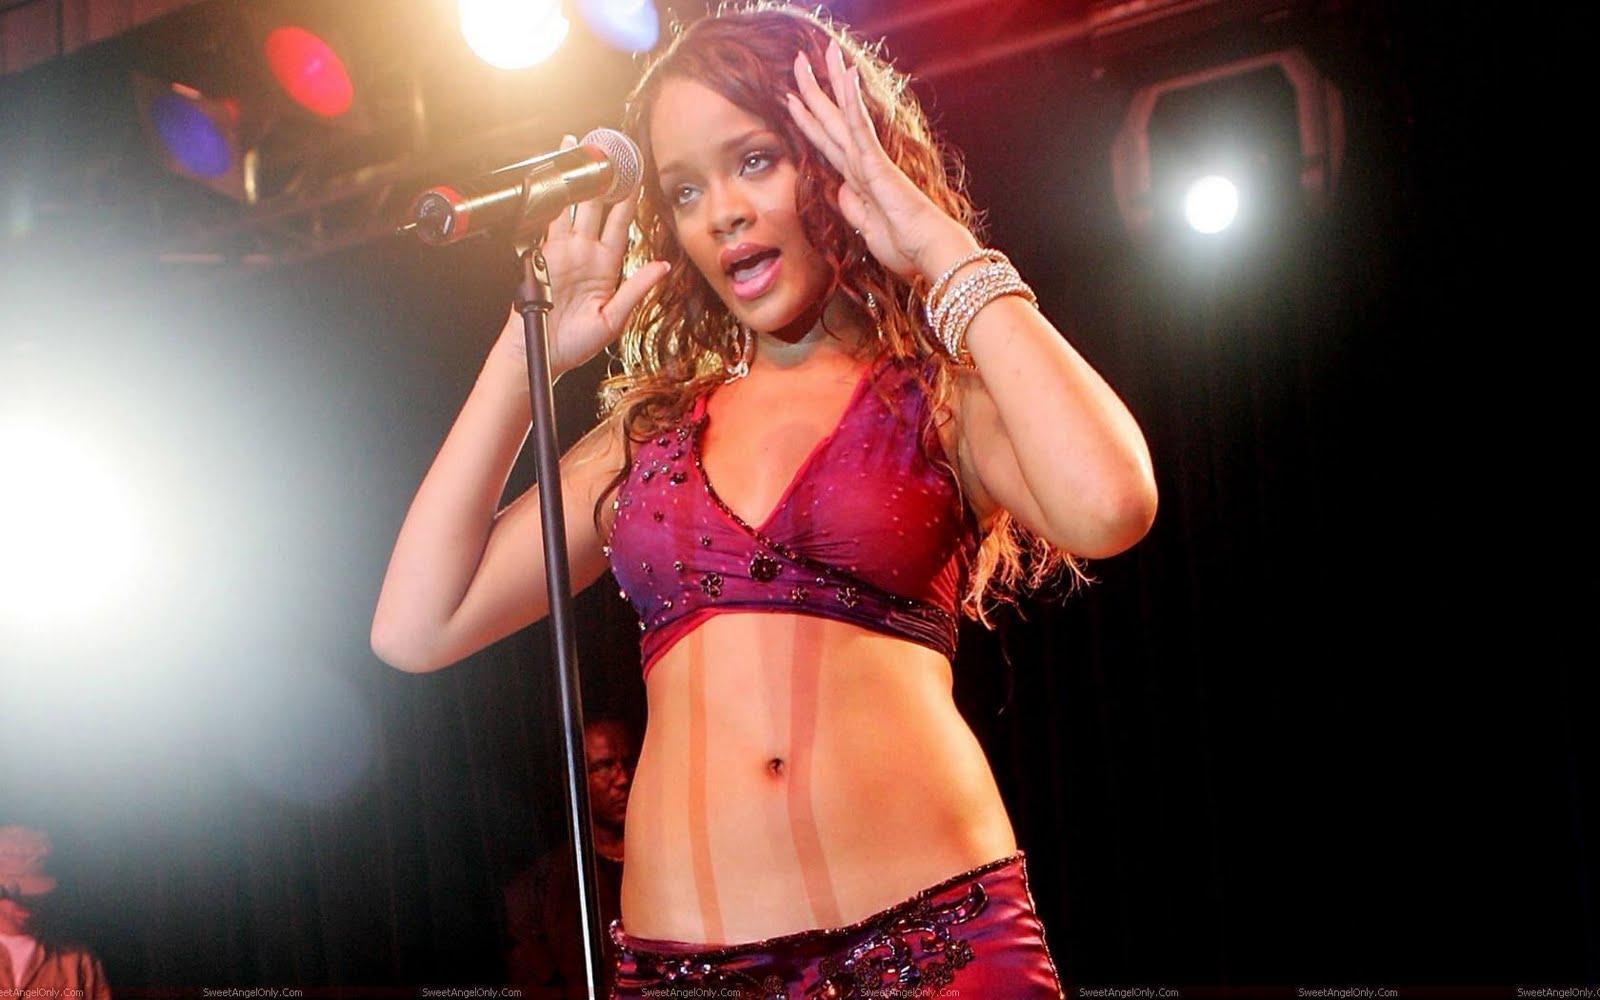 http://2.bp.blogspot.com/-A9jKYjMgR7k/TgChCUxefGI/AAAAAAAAFvM/QXFN7cwHZio/s1600/rihanna_singing_wallpaper.jpg